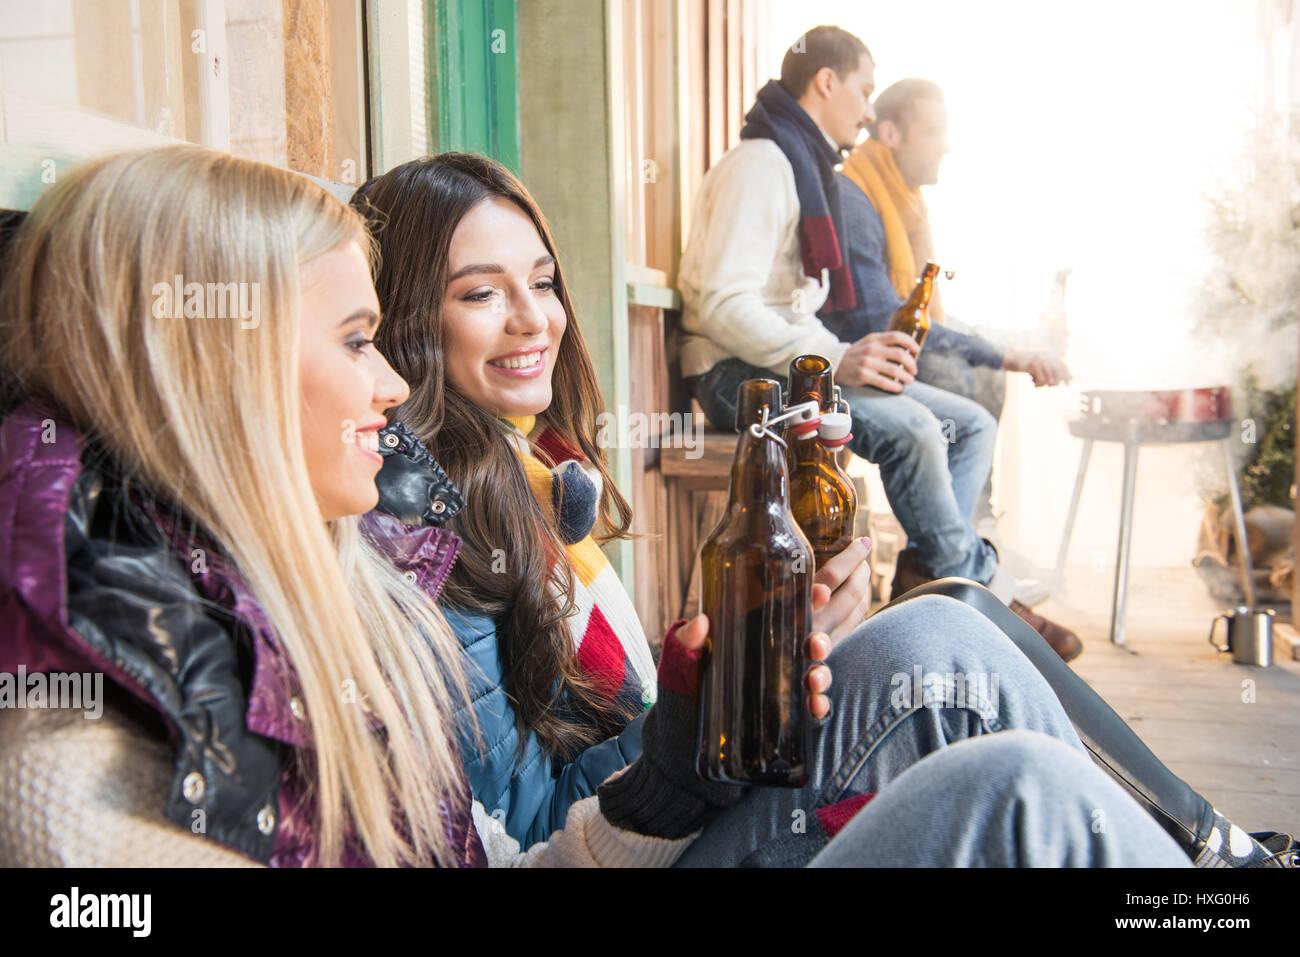 Vista lateral de la alegre amigos bebiendo cerveza sobre barbacoa Imagen De Stock